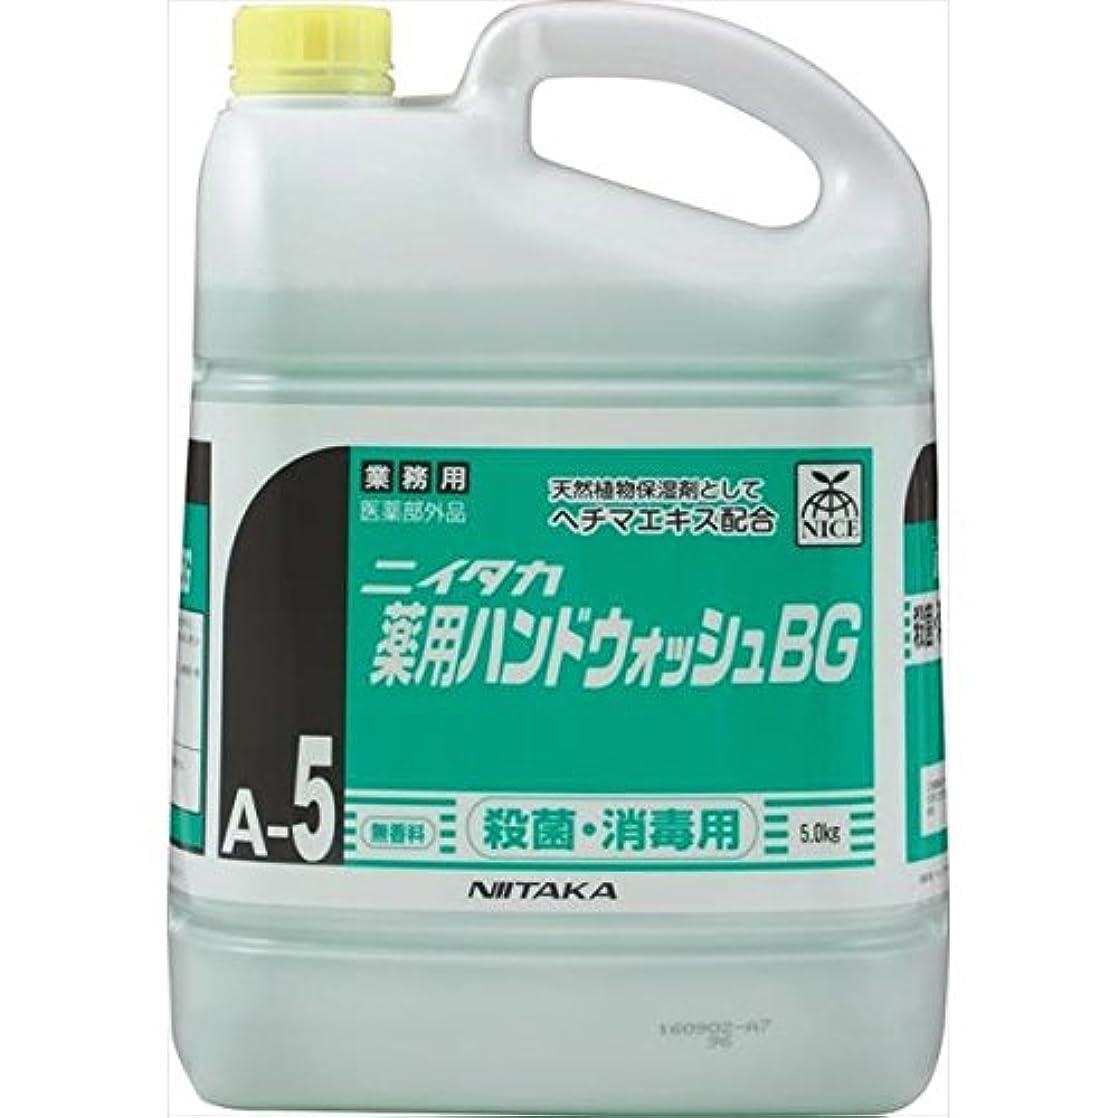 きつく何でも汚染ニイタカ:薬用ハンドウォッシュBG(A-5) 5kg×3 250440